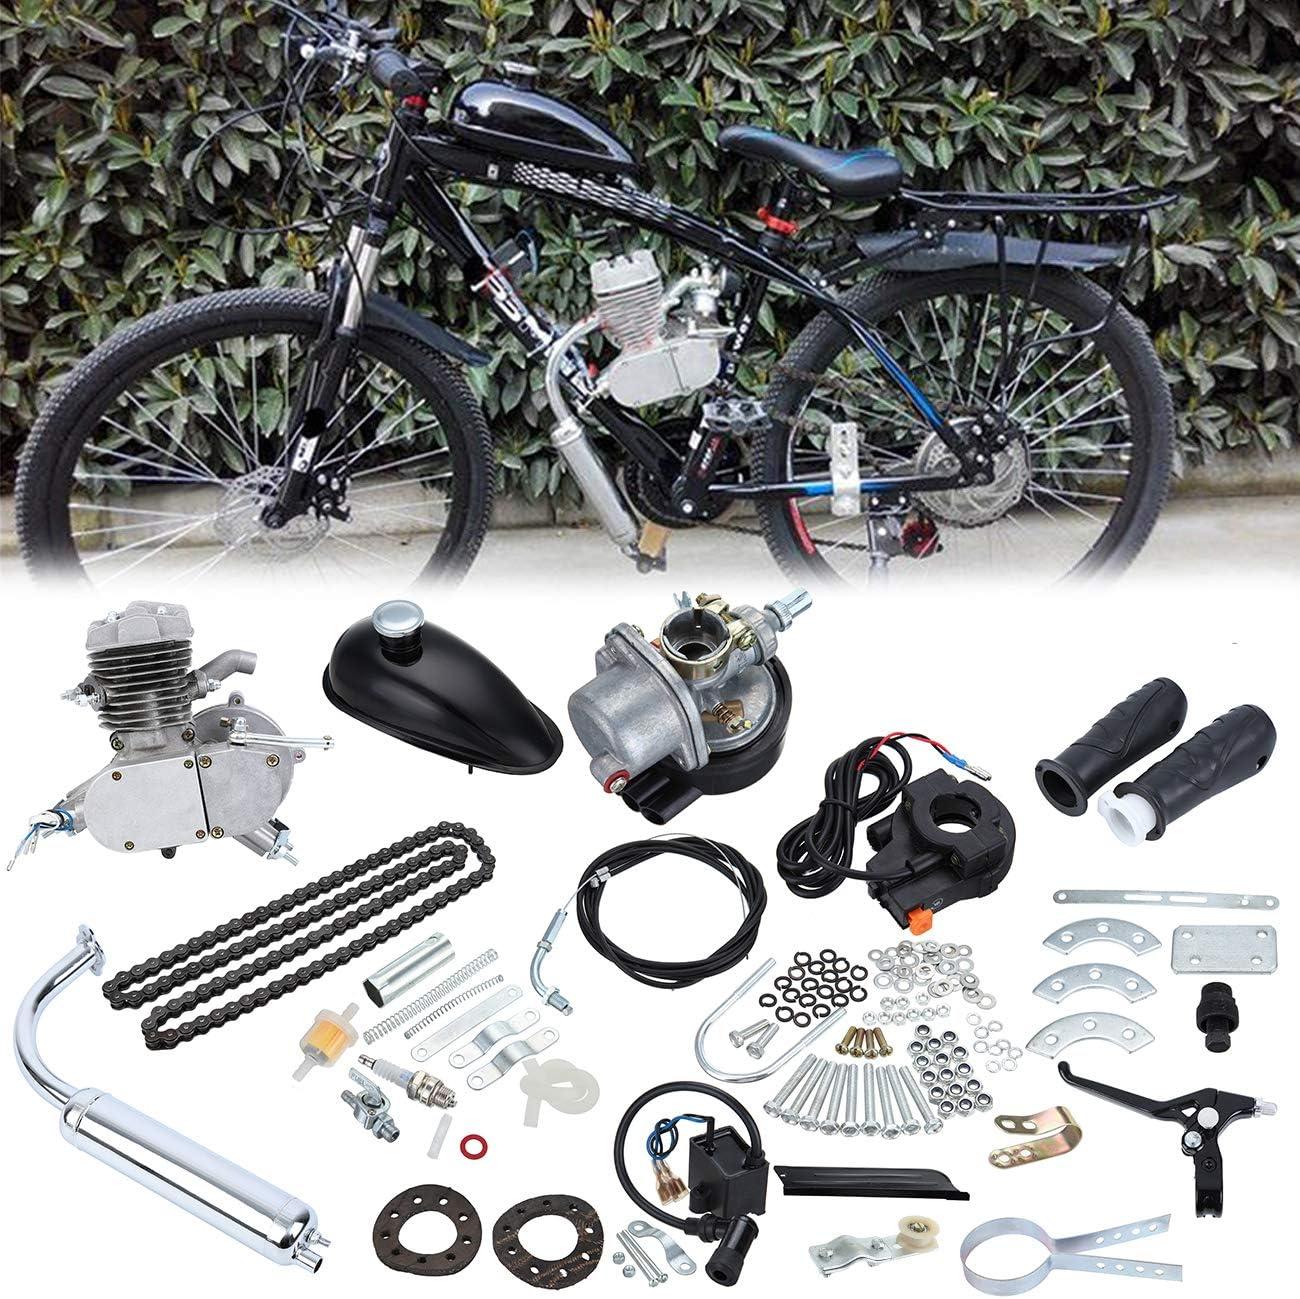 Samger Samger 2 tiempos Kit Motor de Bicicleta Gas Motor Kit de Conversión de Bicicleta (Plata, 50CC): Amazon.es: Coche y moto